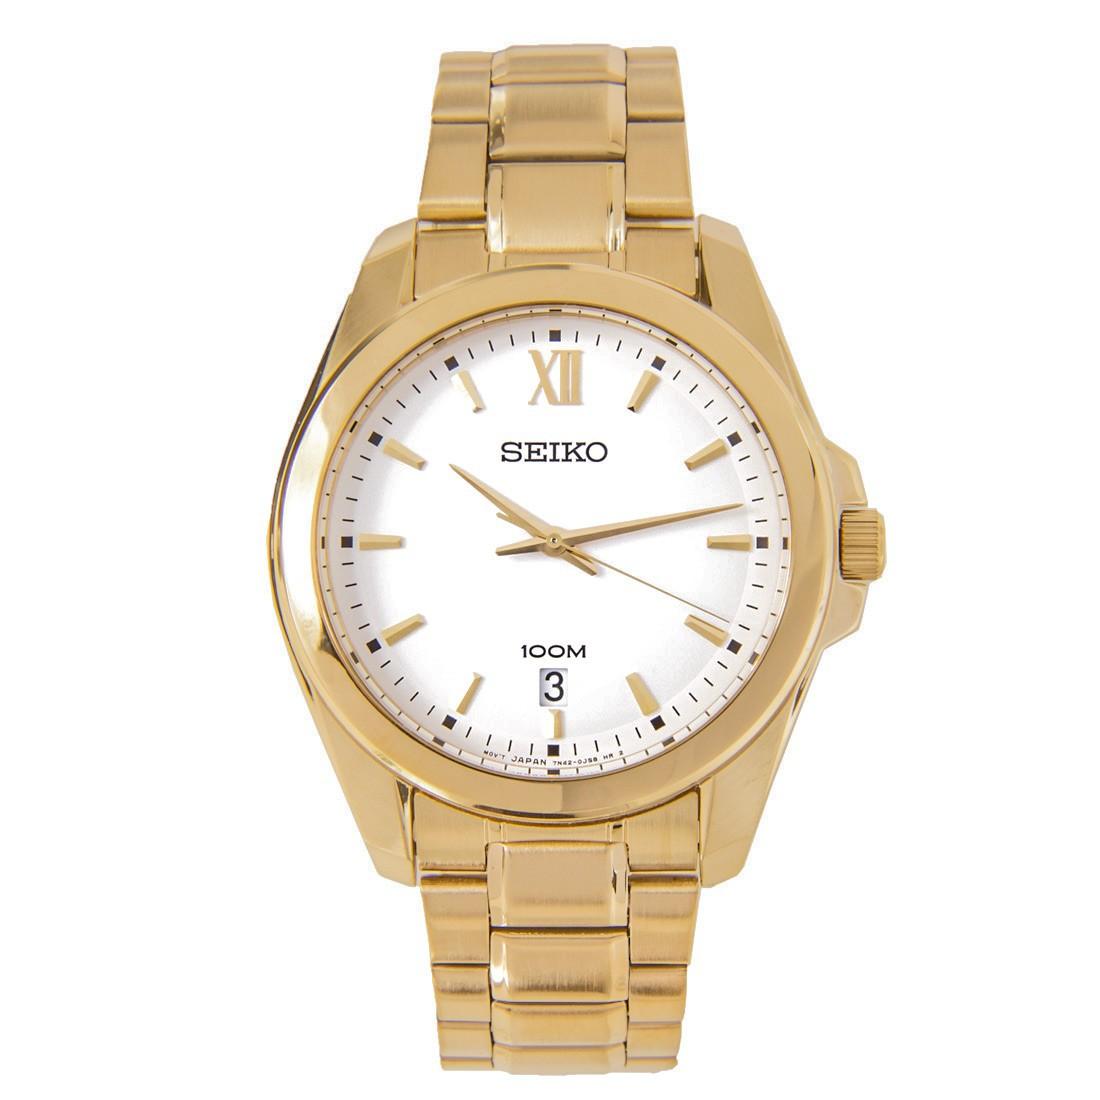 นาฬิกาข้อมือ SEIKO MEN'S WATCH รุ่นSGEG64P1